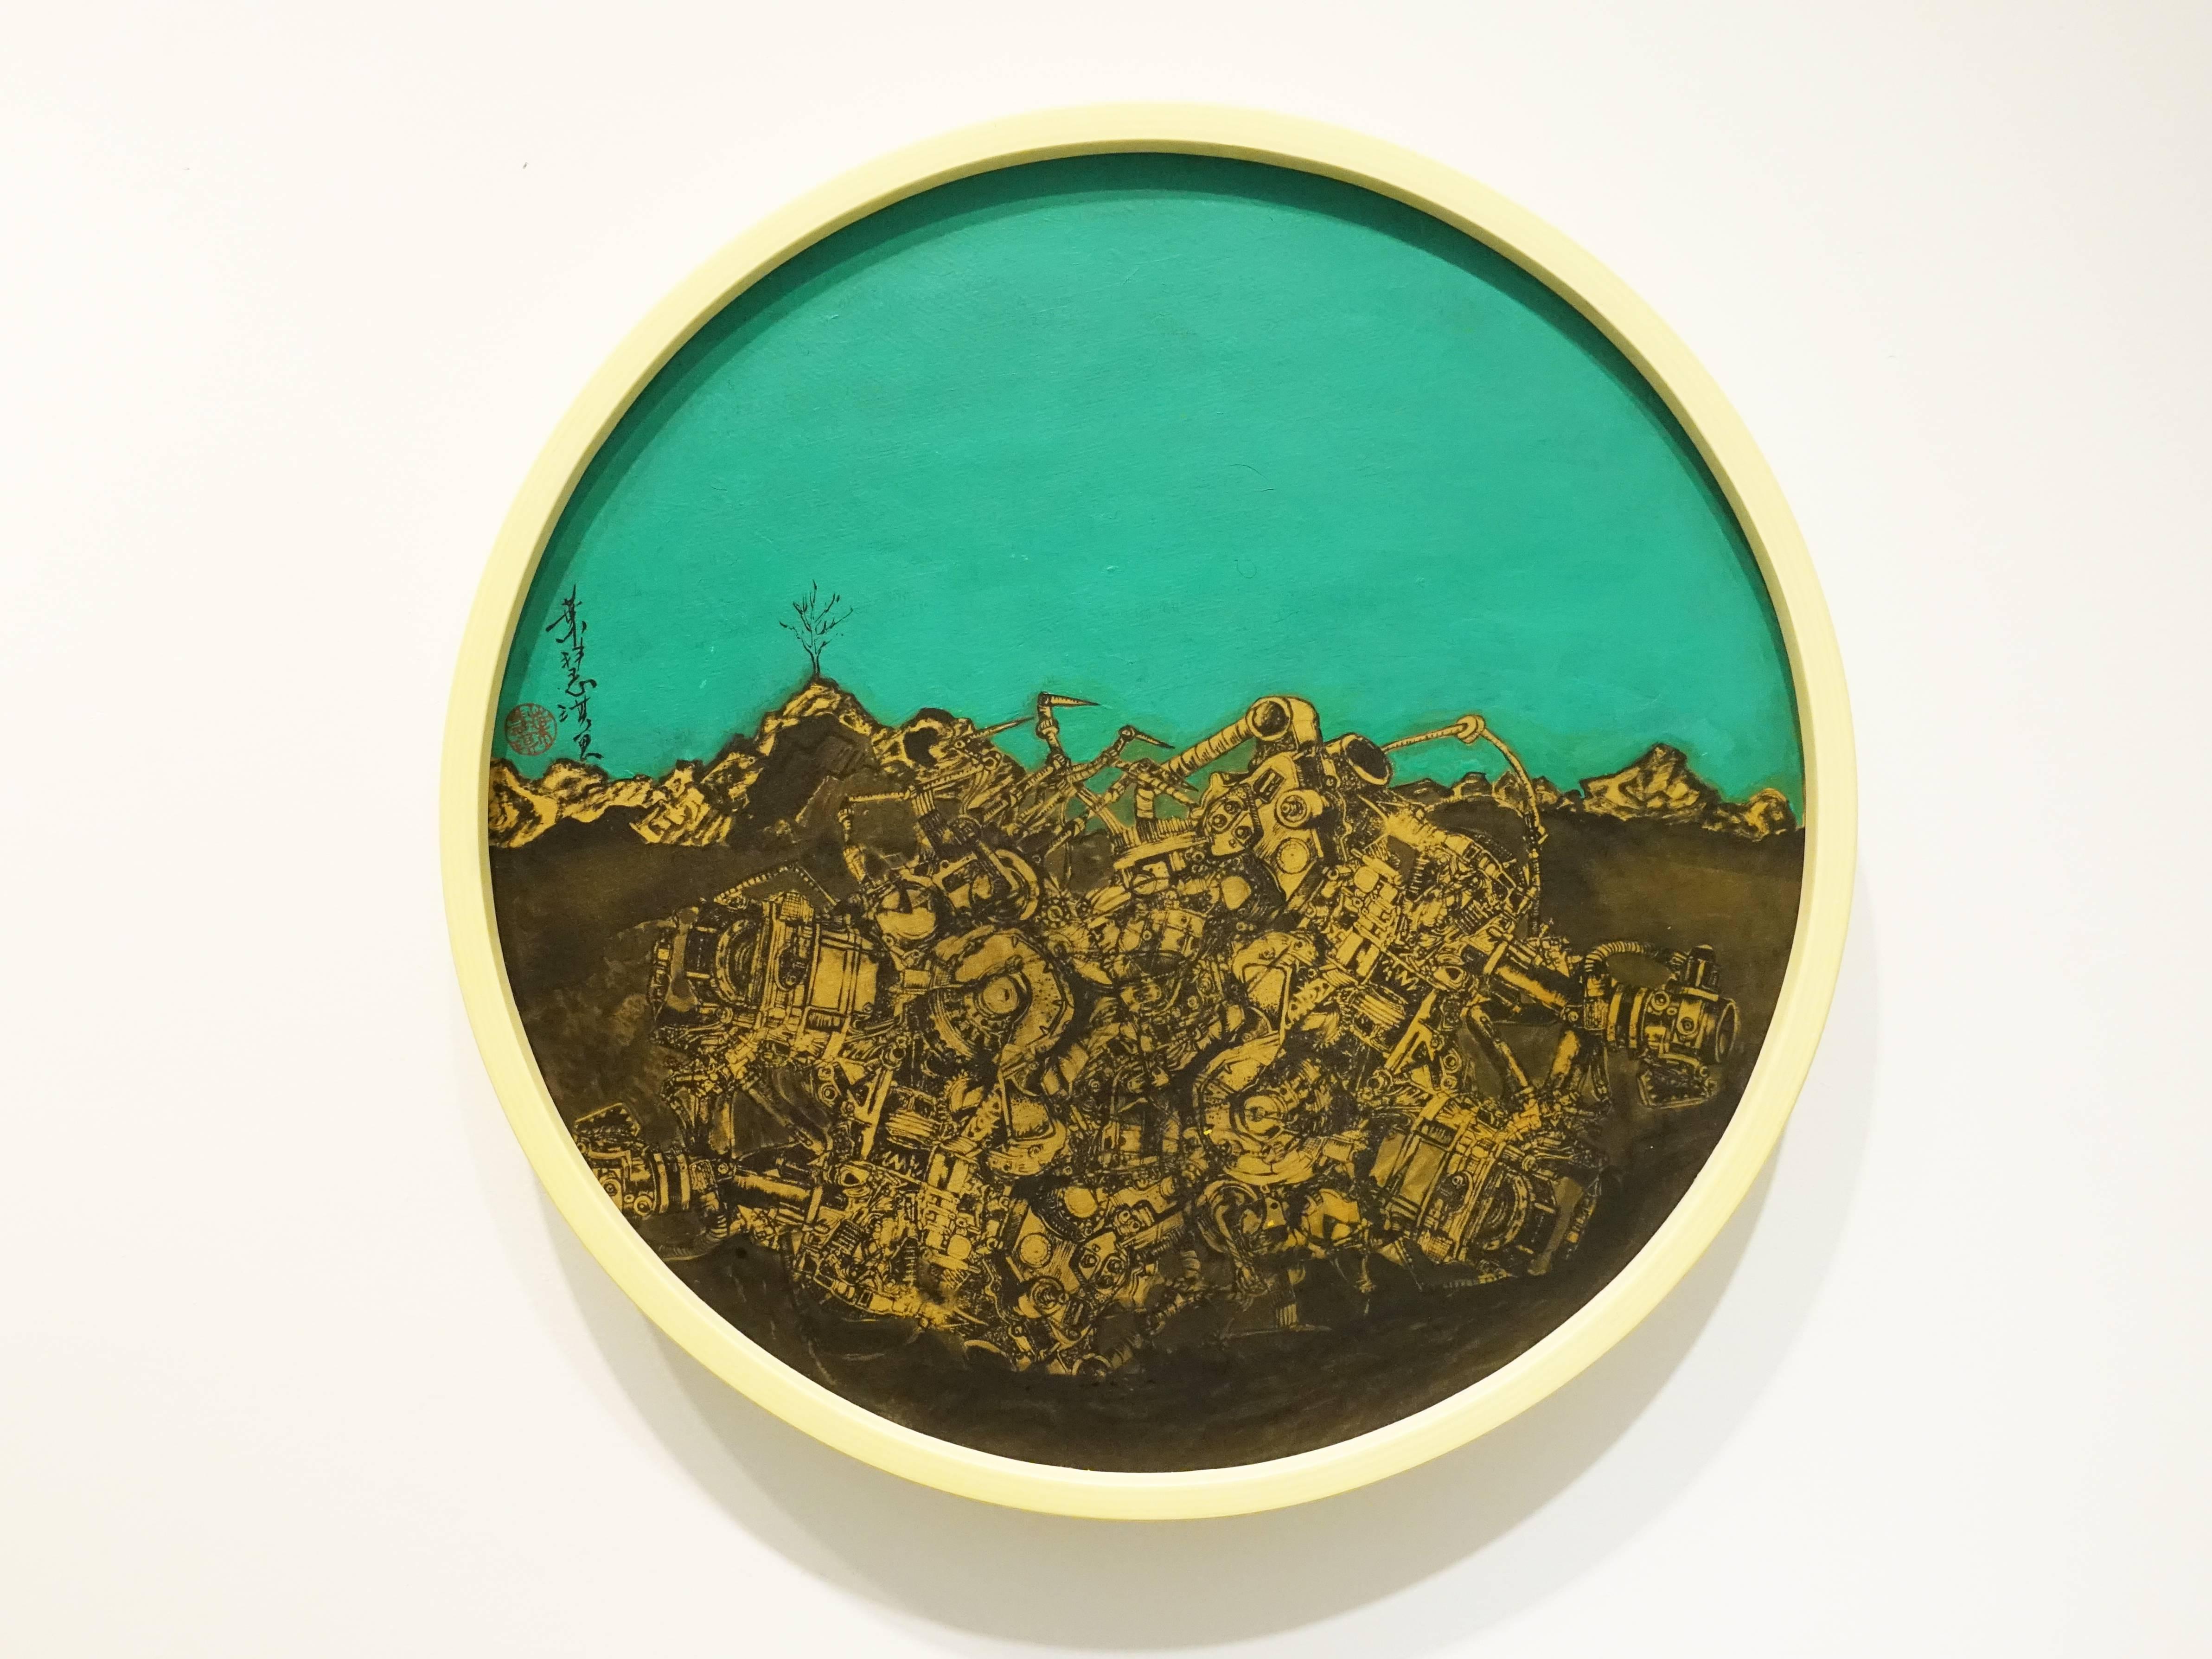 葉慧琪,《隱匿》,40 x 40 cm,綜合媒材、絹布。